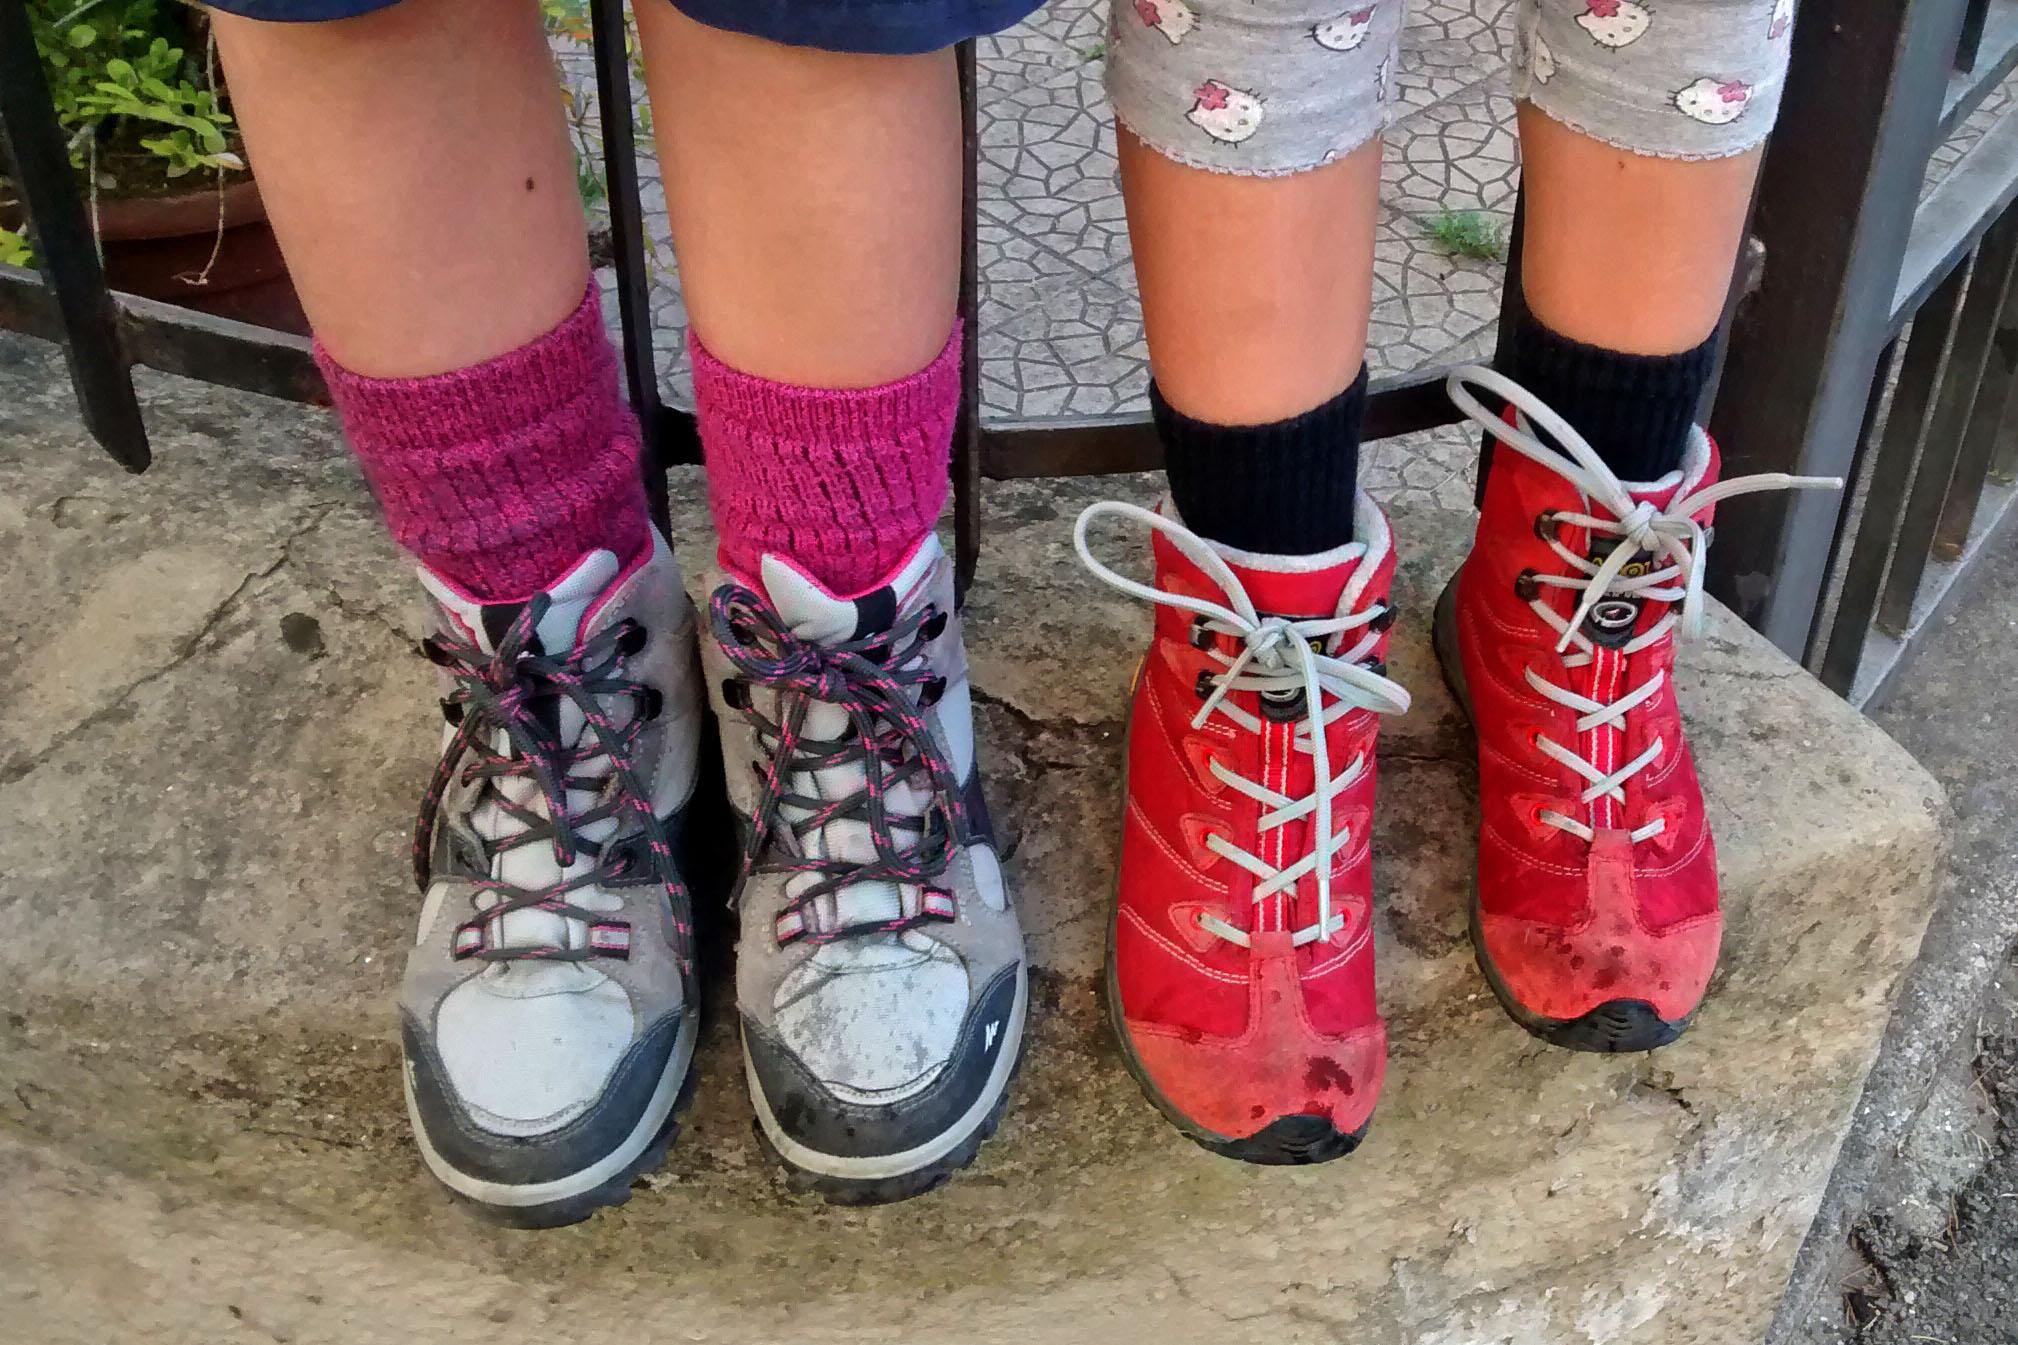 Consigli utili per una giornata di trekking con i bambini